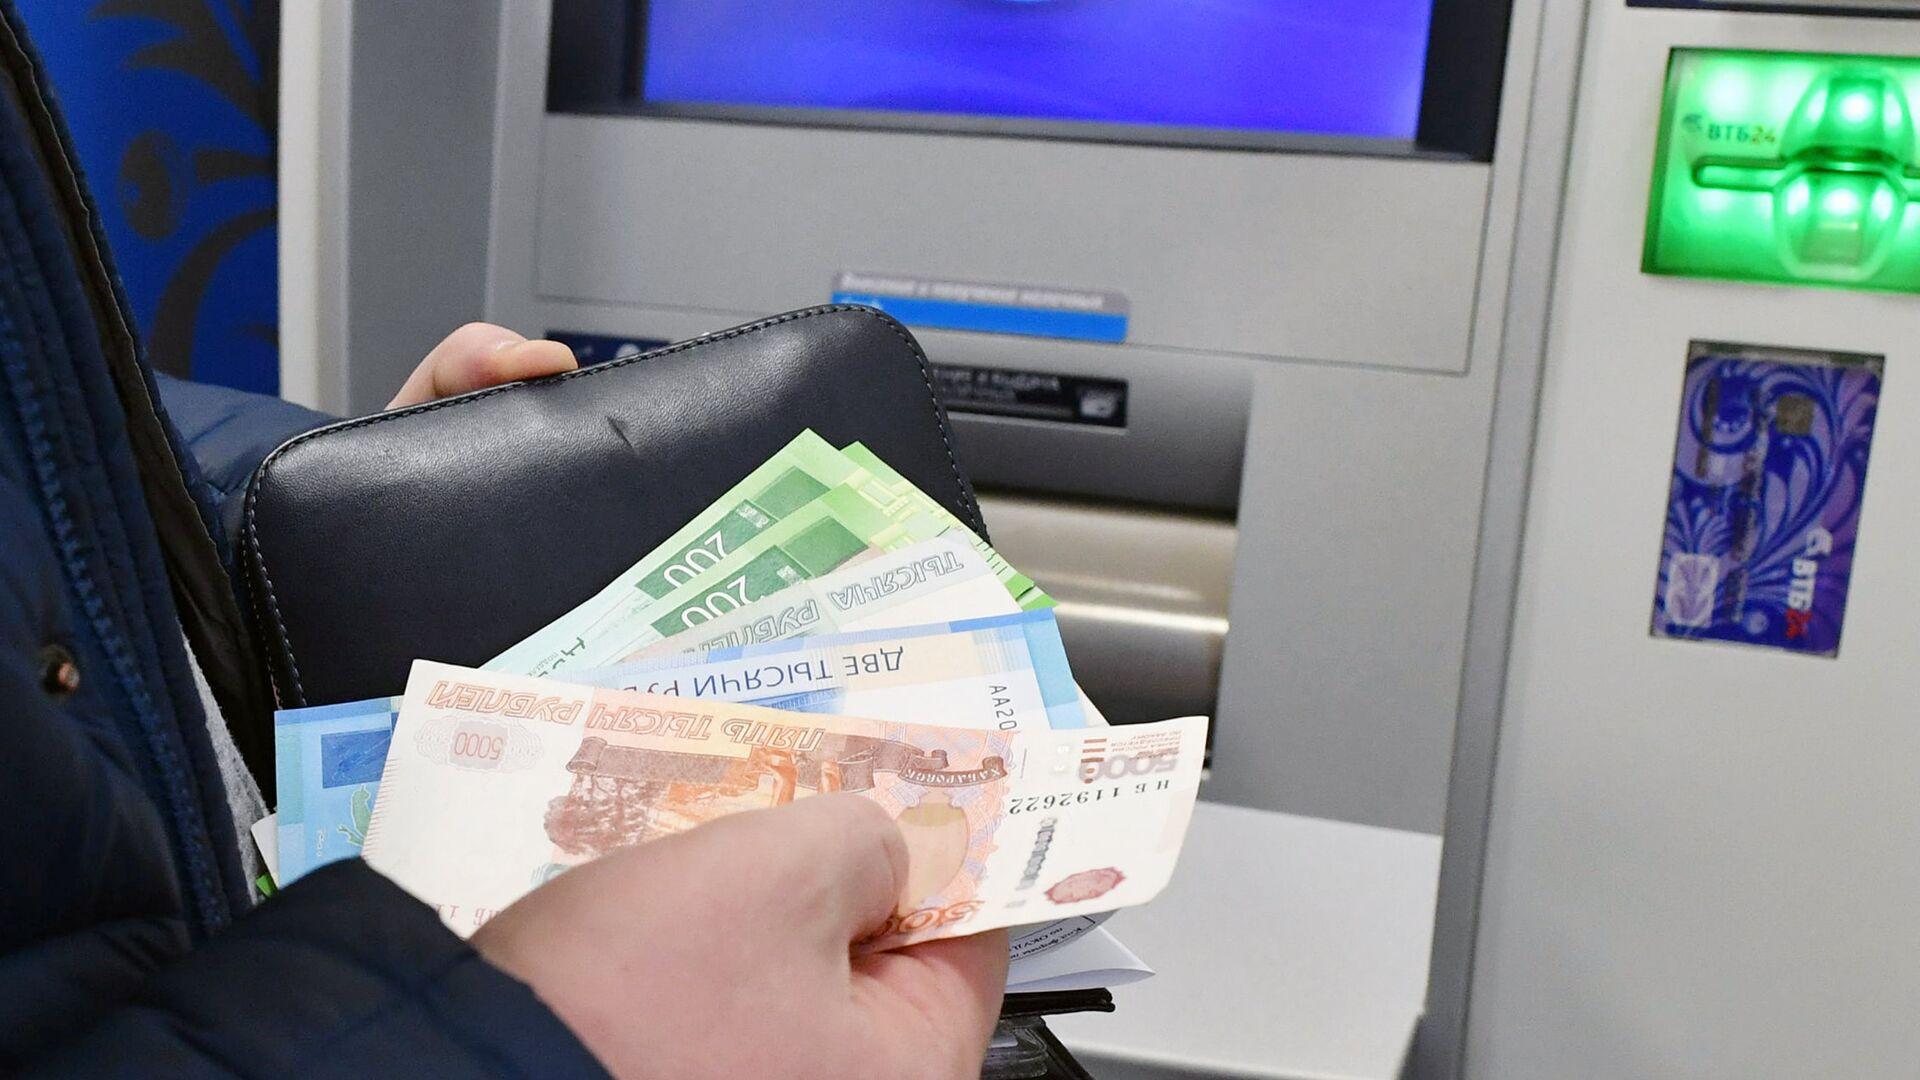 Снятие денег в банковском терминале в Москве - РИА Новости, 1920, 18.07.2021